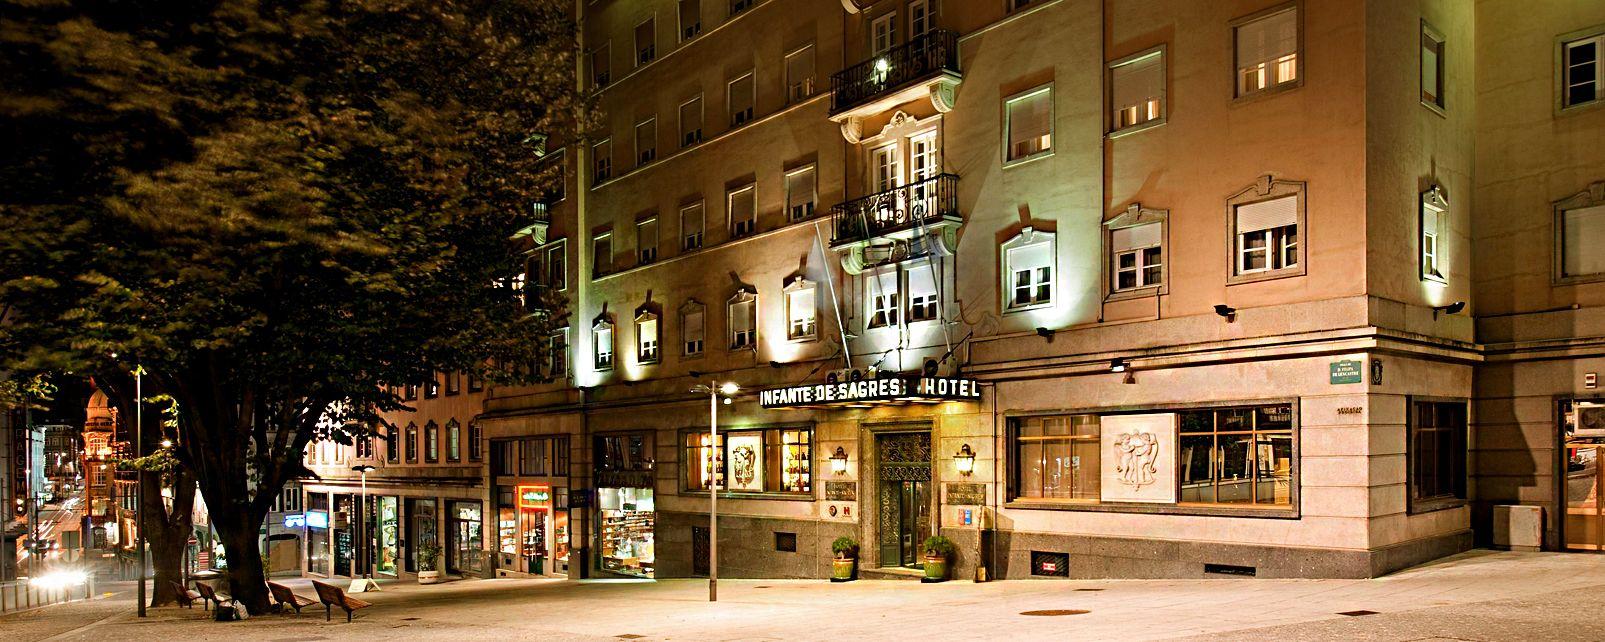 Hôtel Infante Sagres Hotel